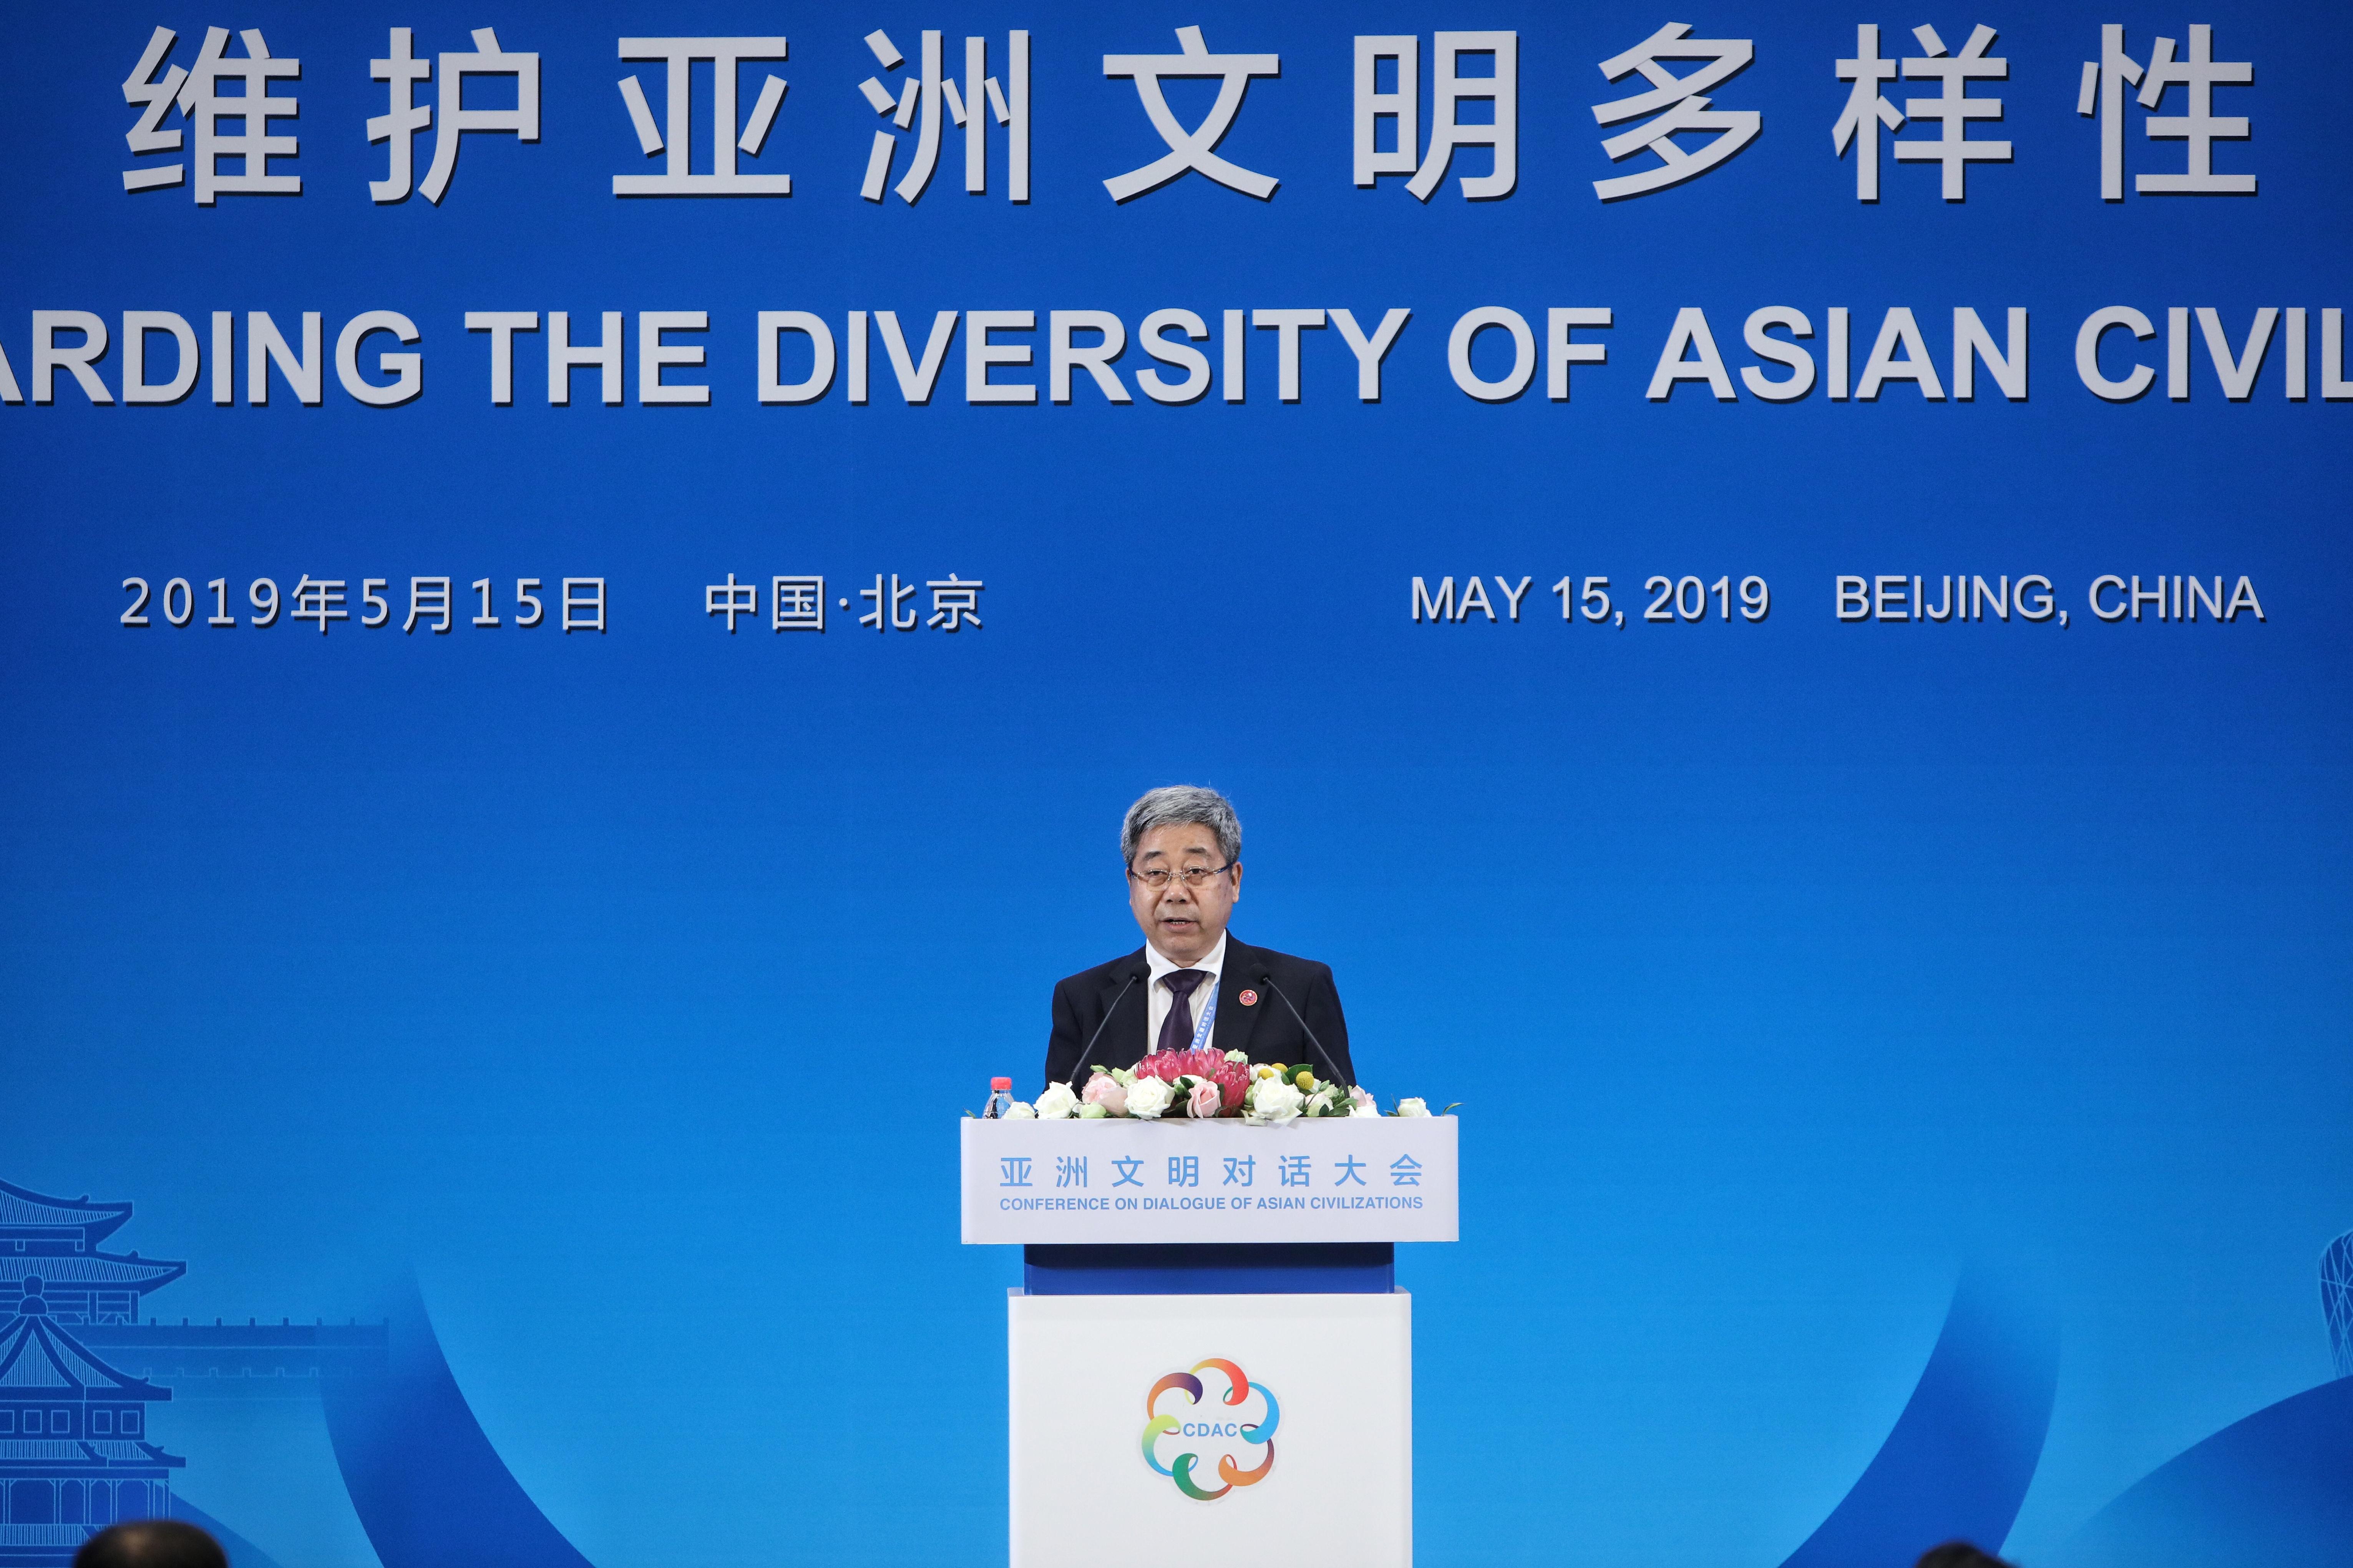 教育部部长陈宝生:推动亚洲学历学位互认、教育标准互通